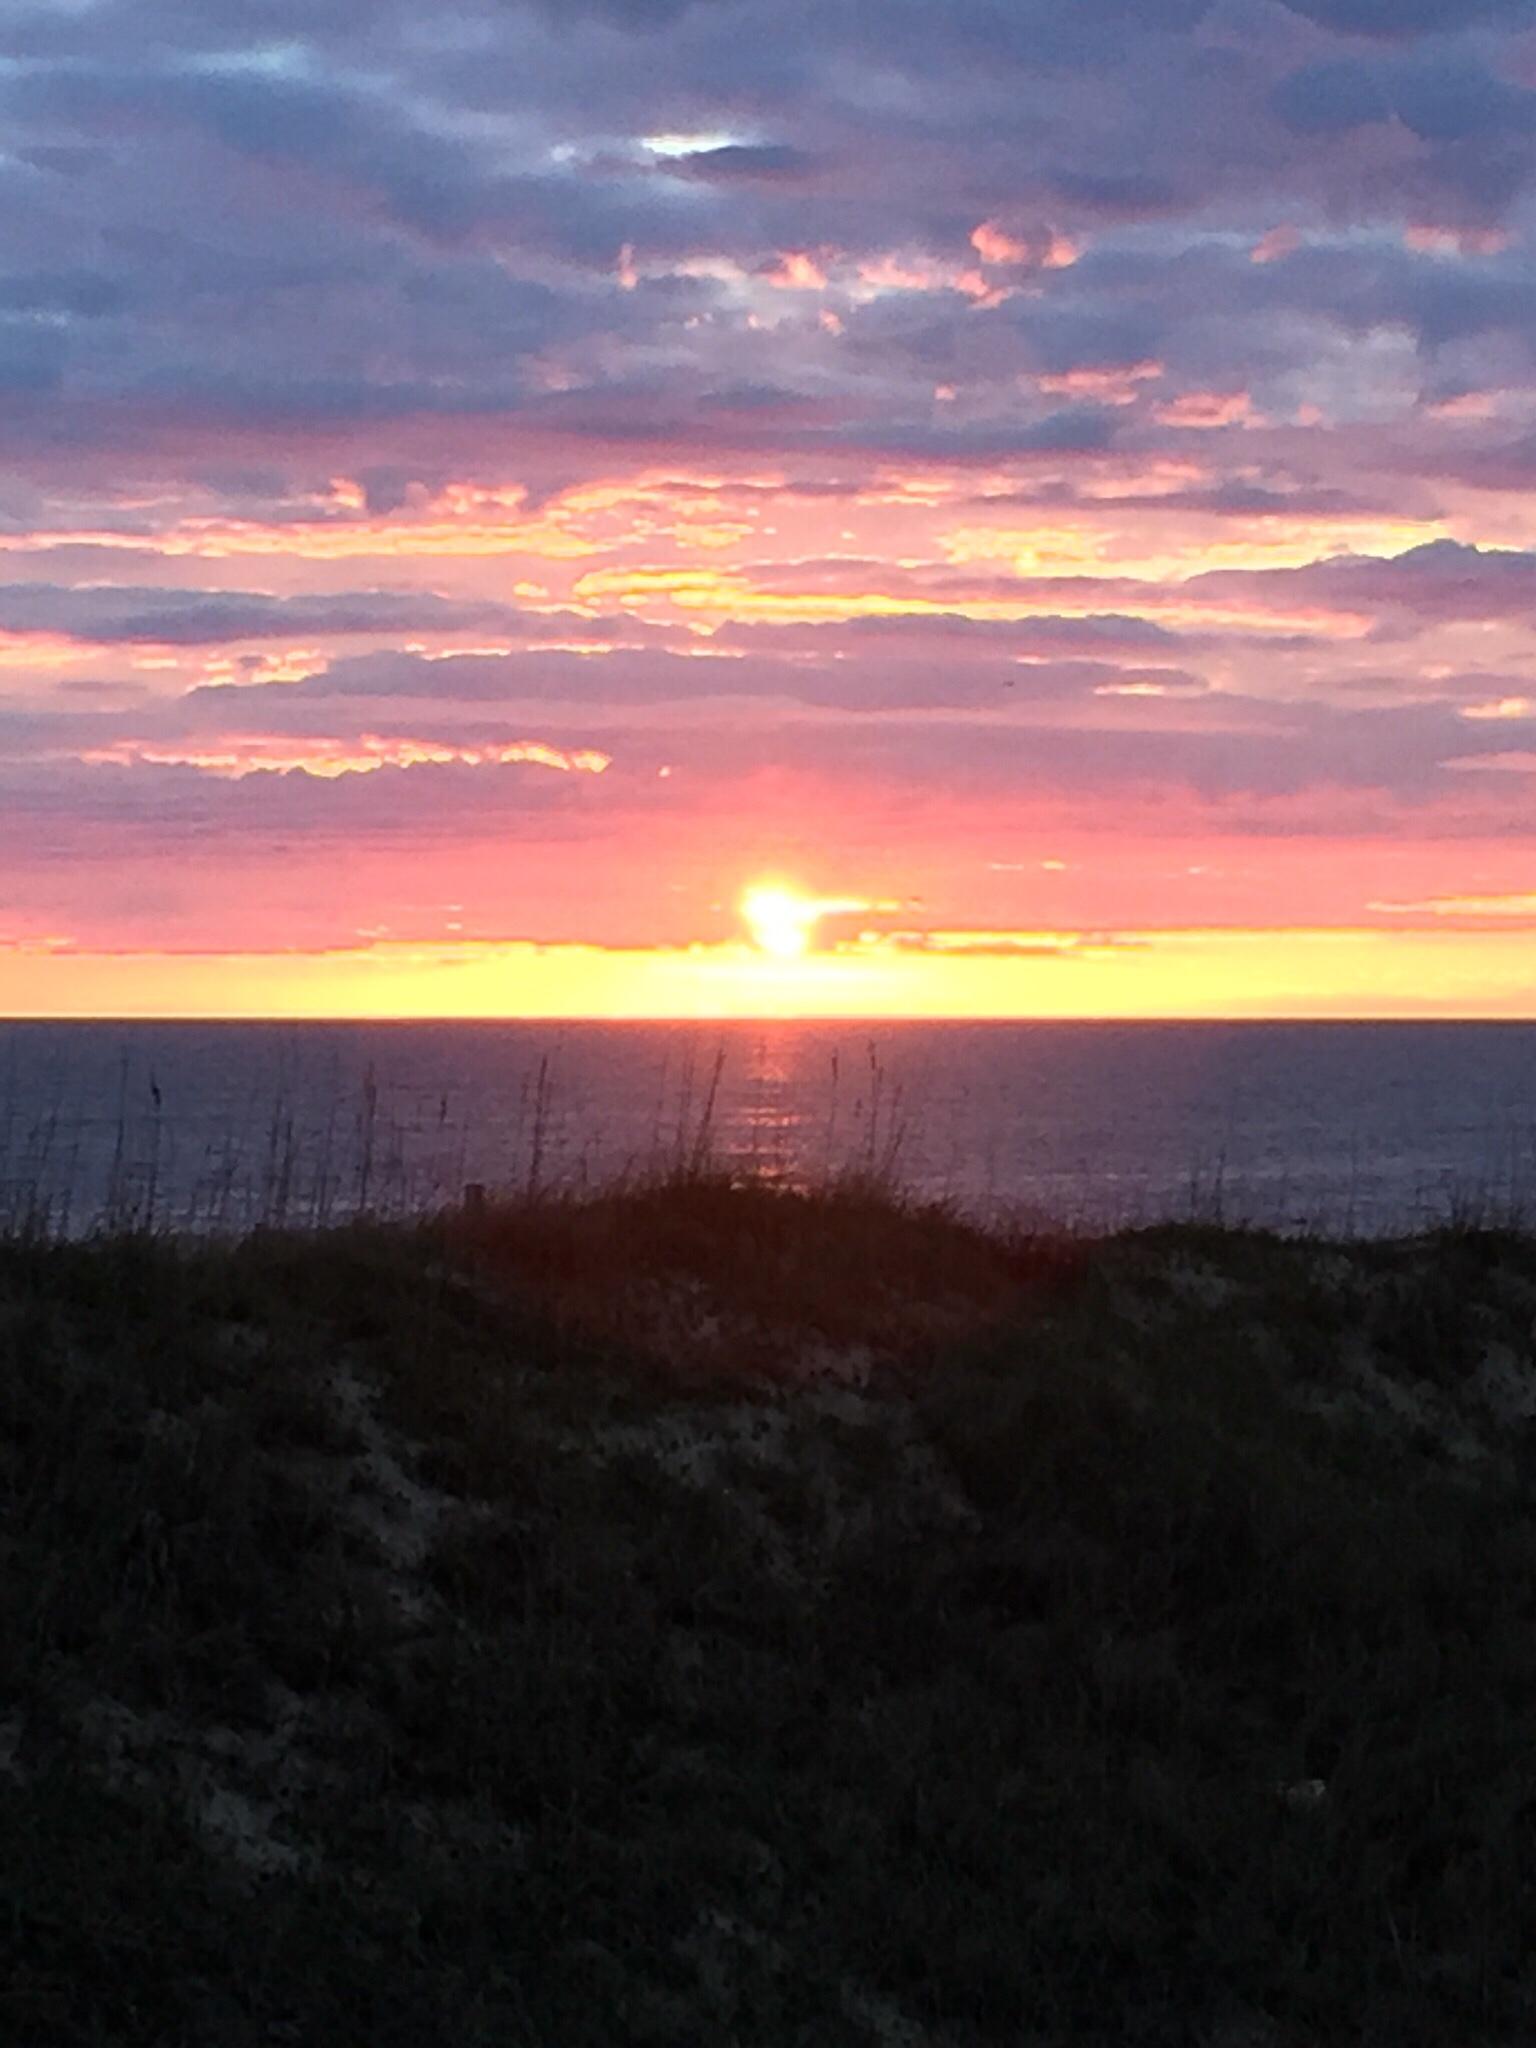 November 2016 Stay - H203S - Beach Blessing II, Linda Coltrane